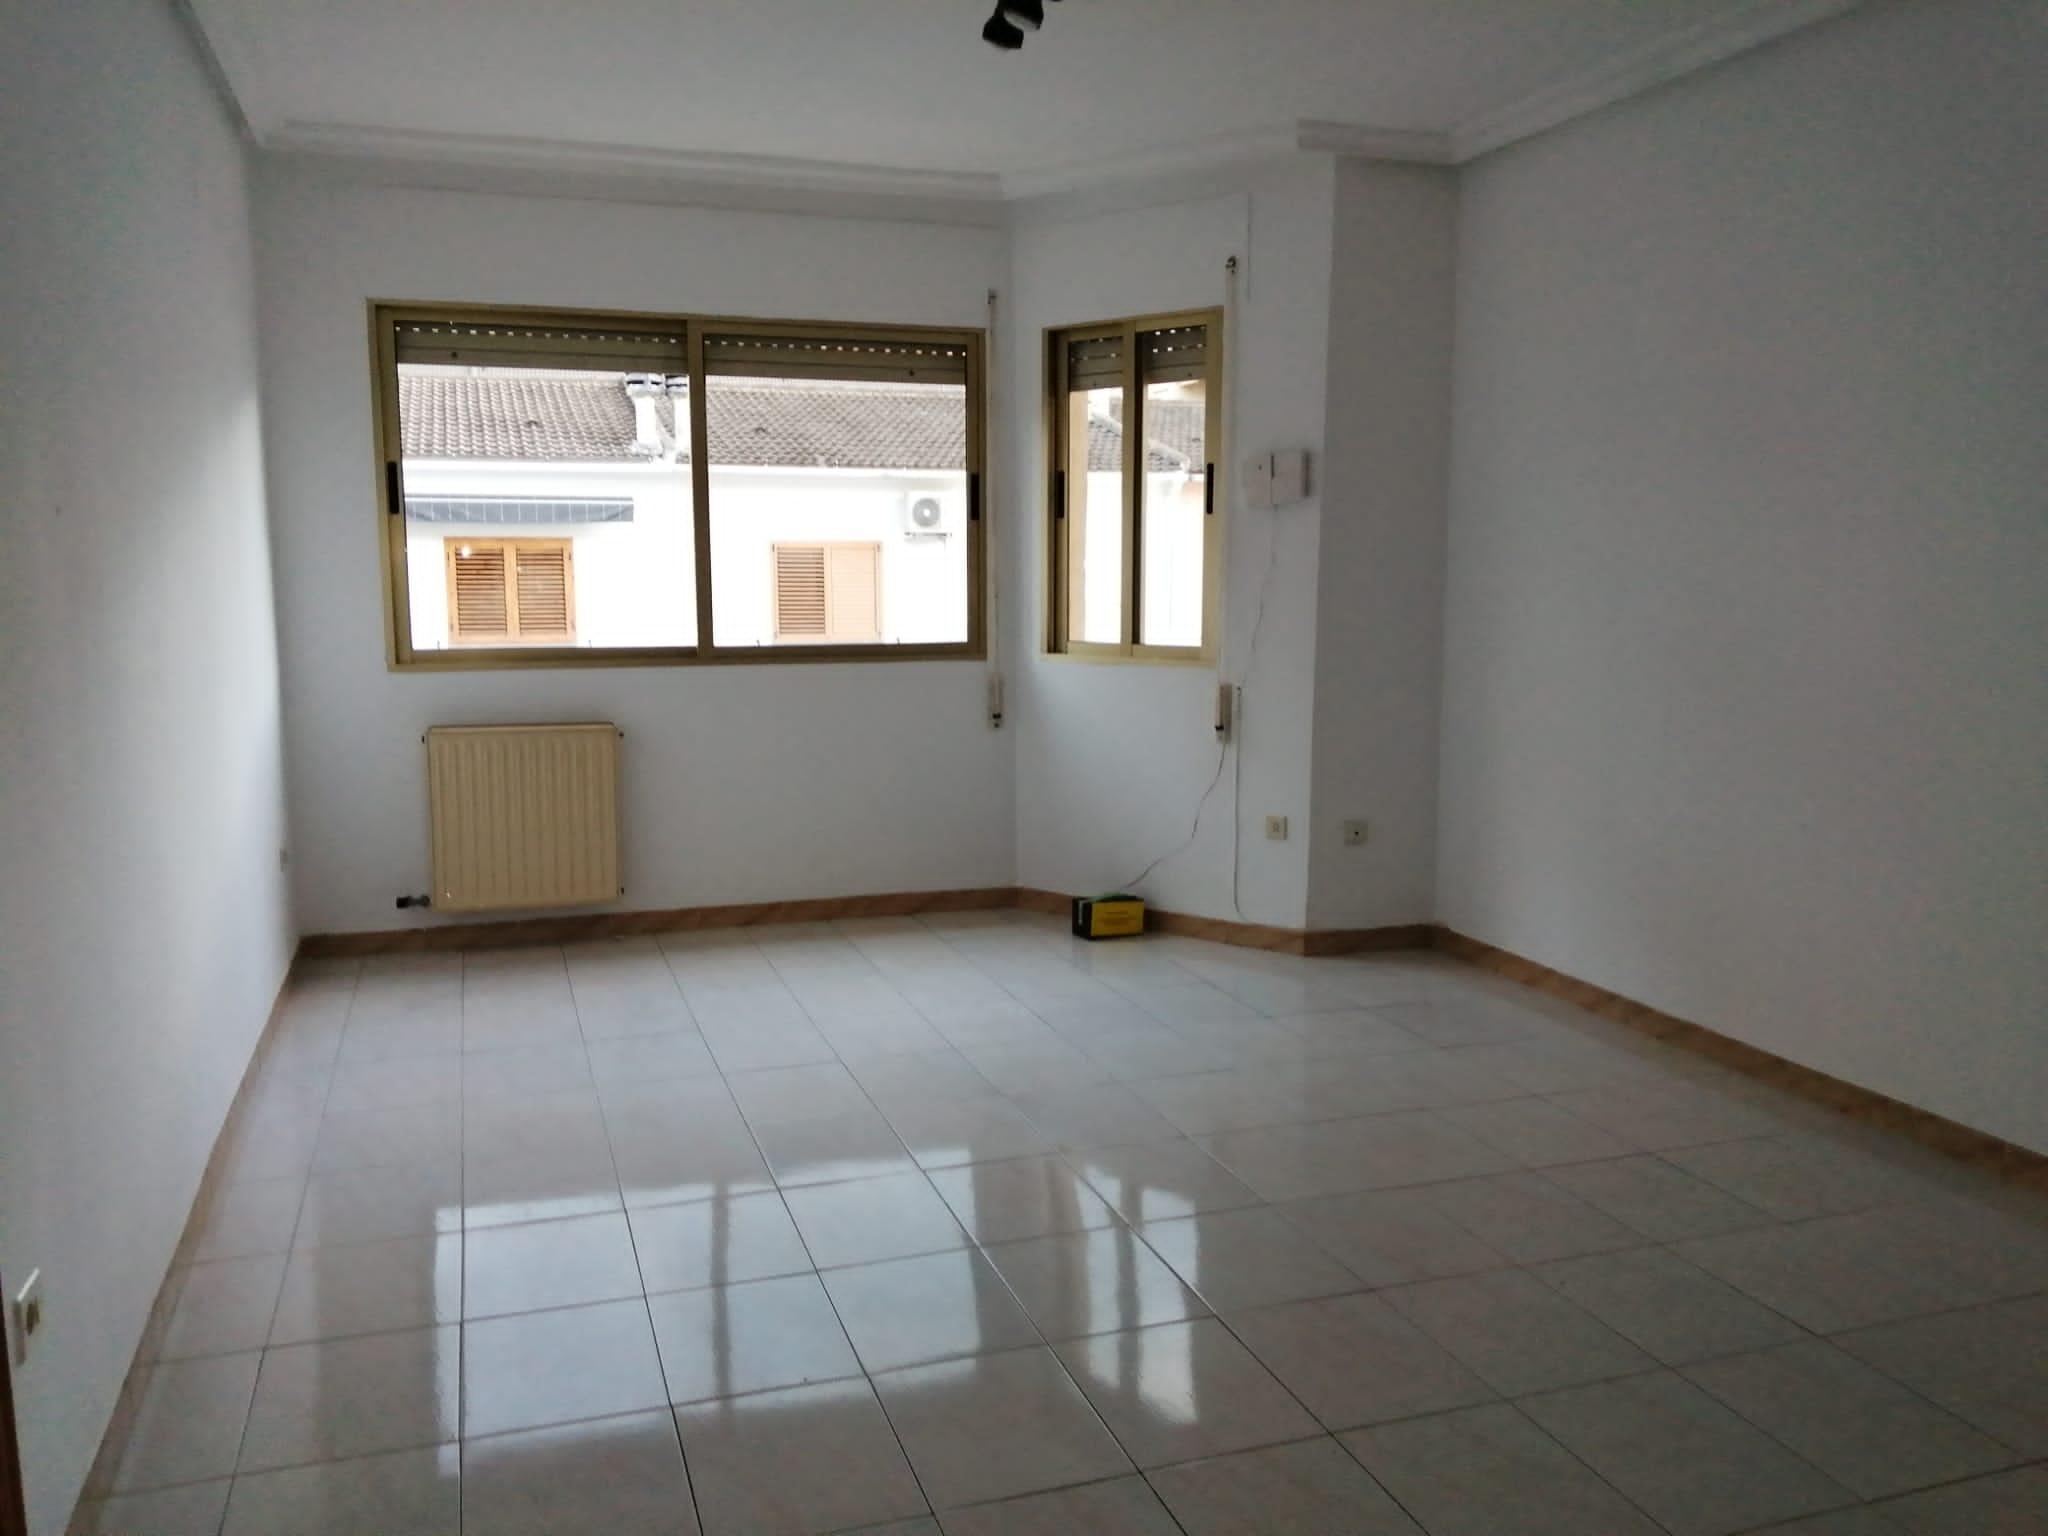 Piso en venta en Vinaròs, Castellón, Calle Centelles, 70.000 €, 3 habitaciones, 2 baños, 115 m2